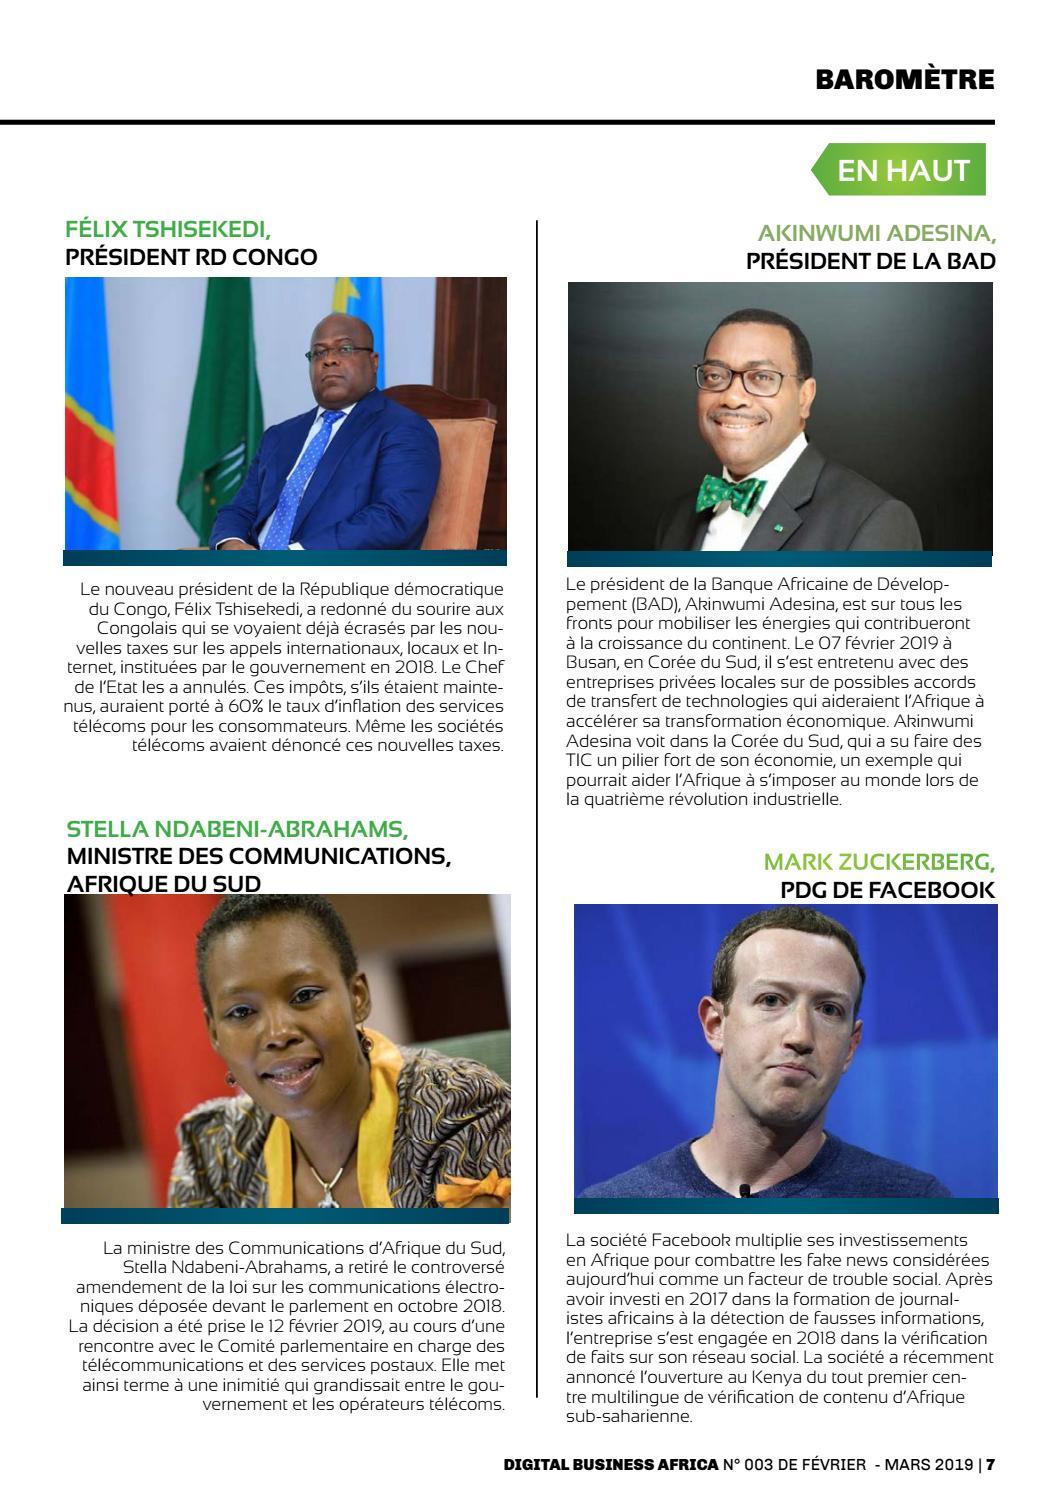 pub site de rencontre president femme cherche homme maroc amitie